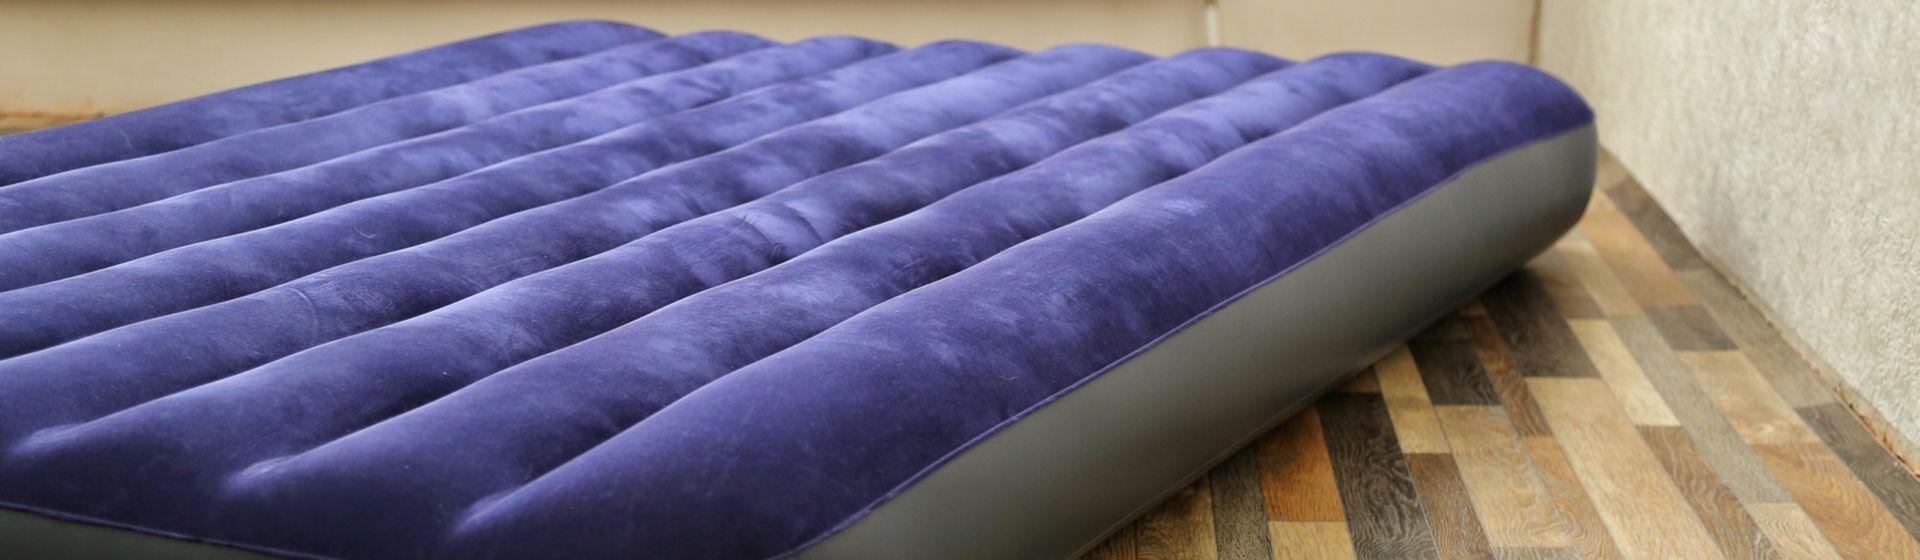 Qual colchão inflável comprar em 2020? Veja 10 modelos e preços